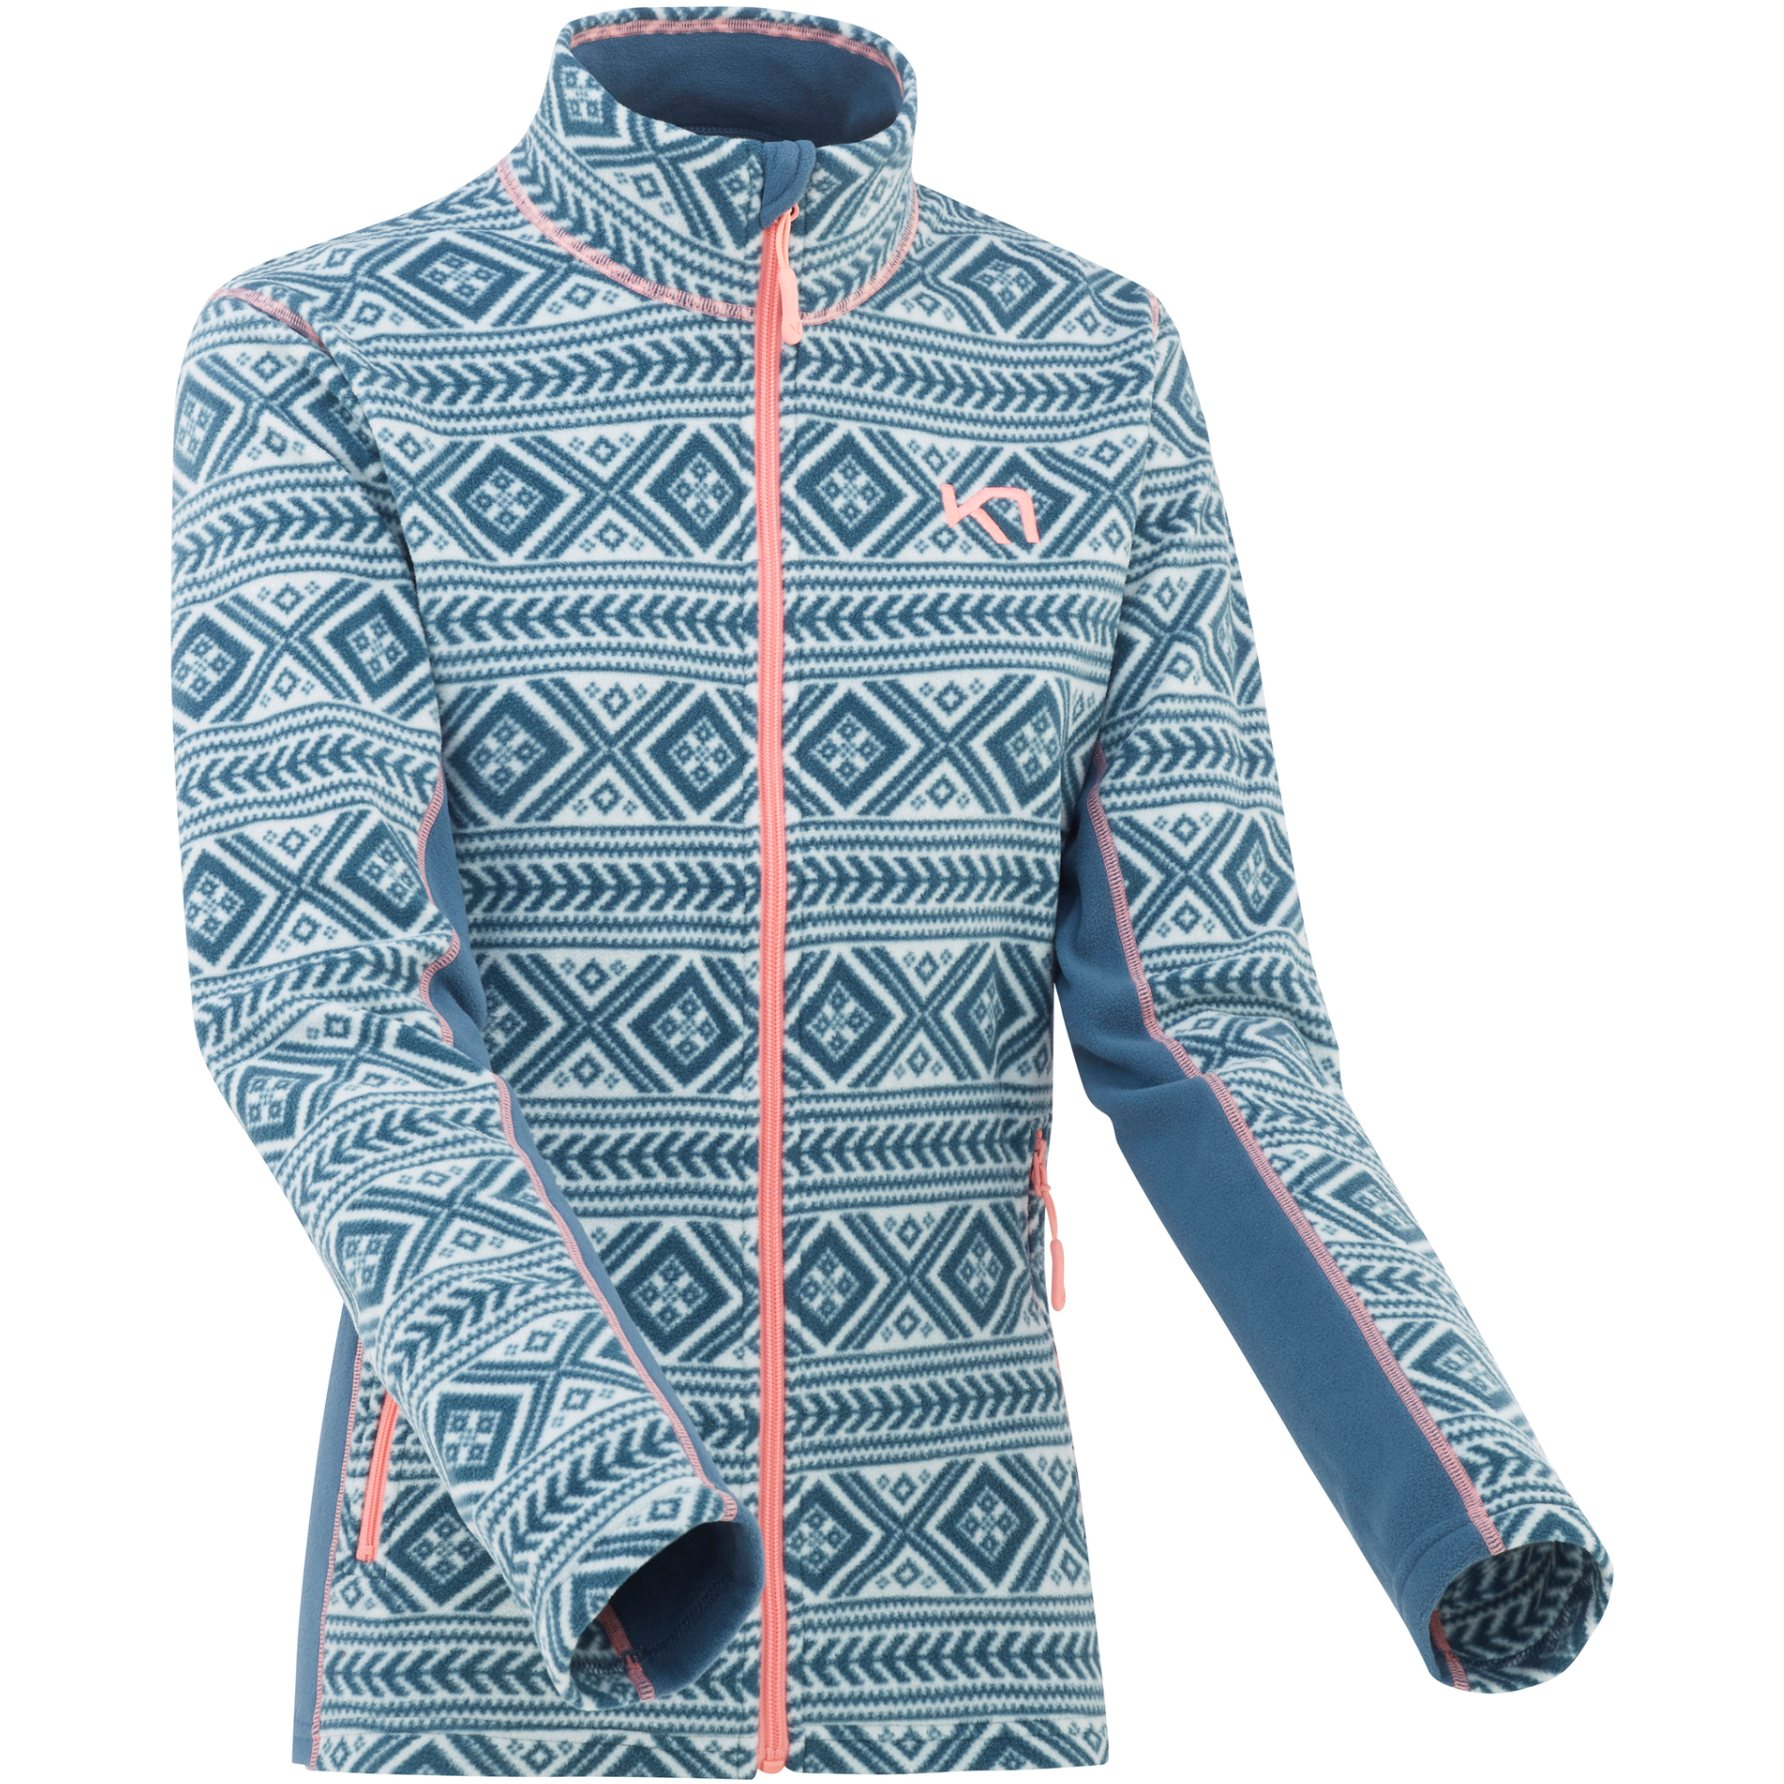 Kari Traa Olga Women's Fleece Jacket - Sail